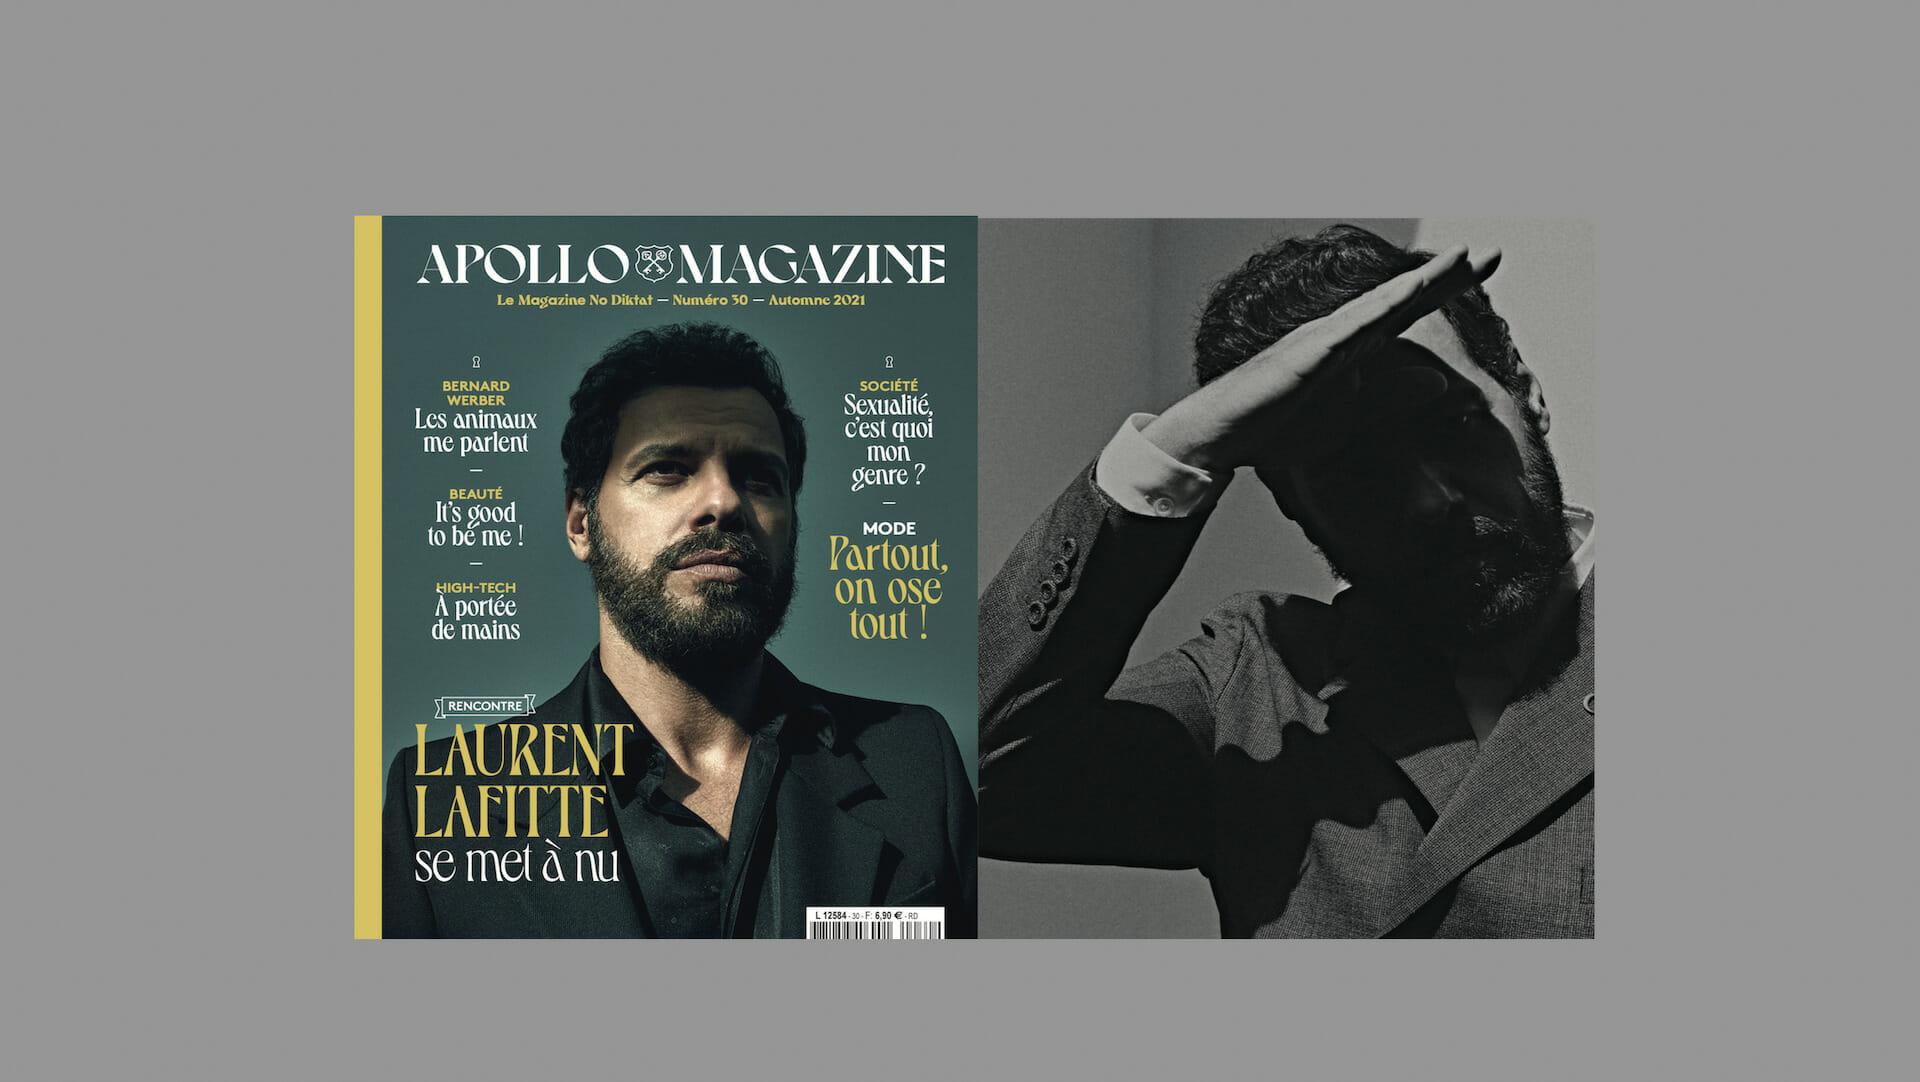 Le numéro 30 d'Apollo Magazine bientôt disponible